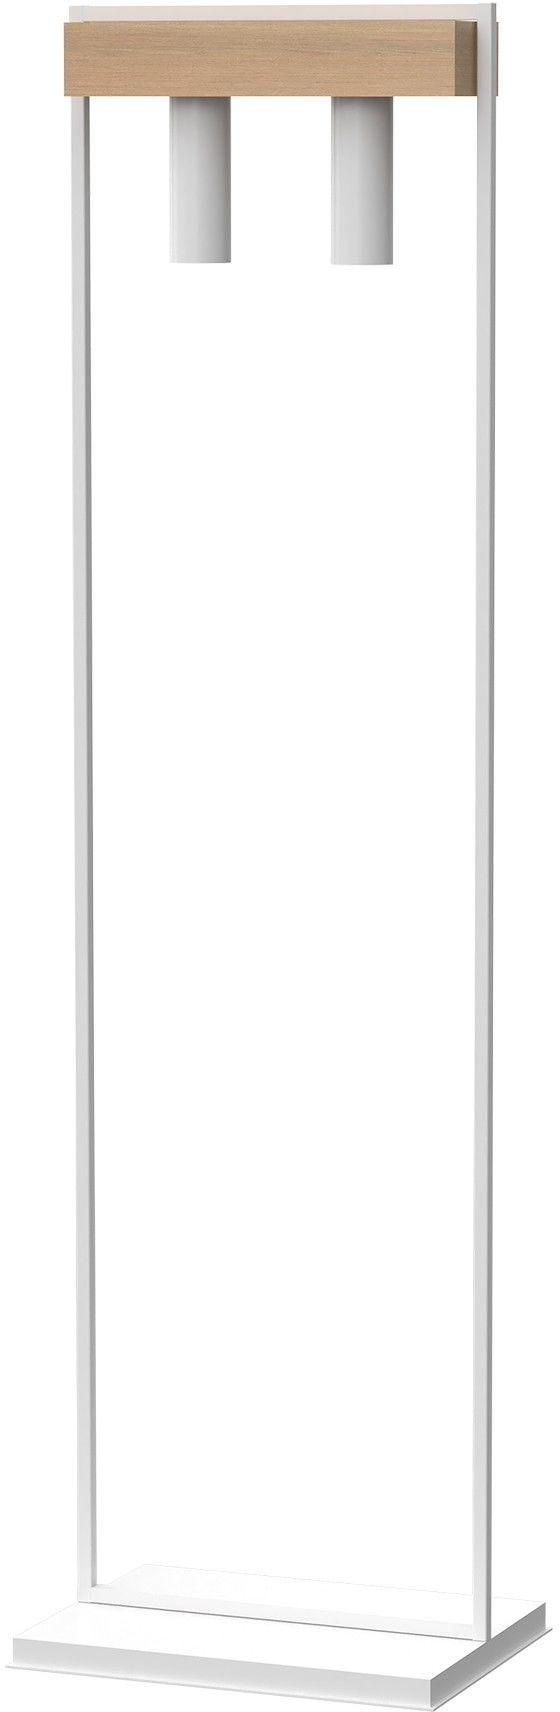 Lampa stojąca WEST WHITE 2xGU10 Wysyłka za 0 zł